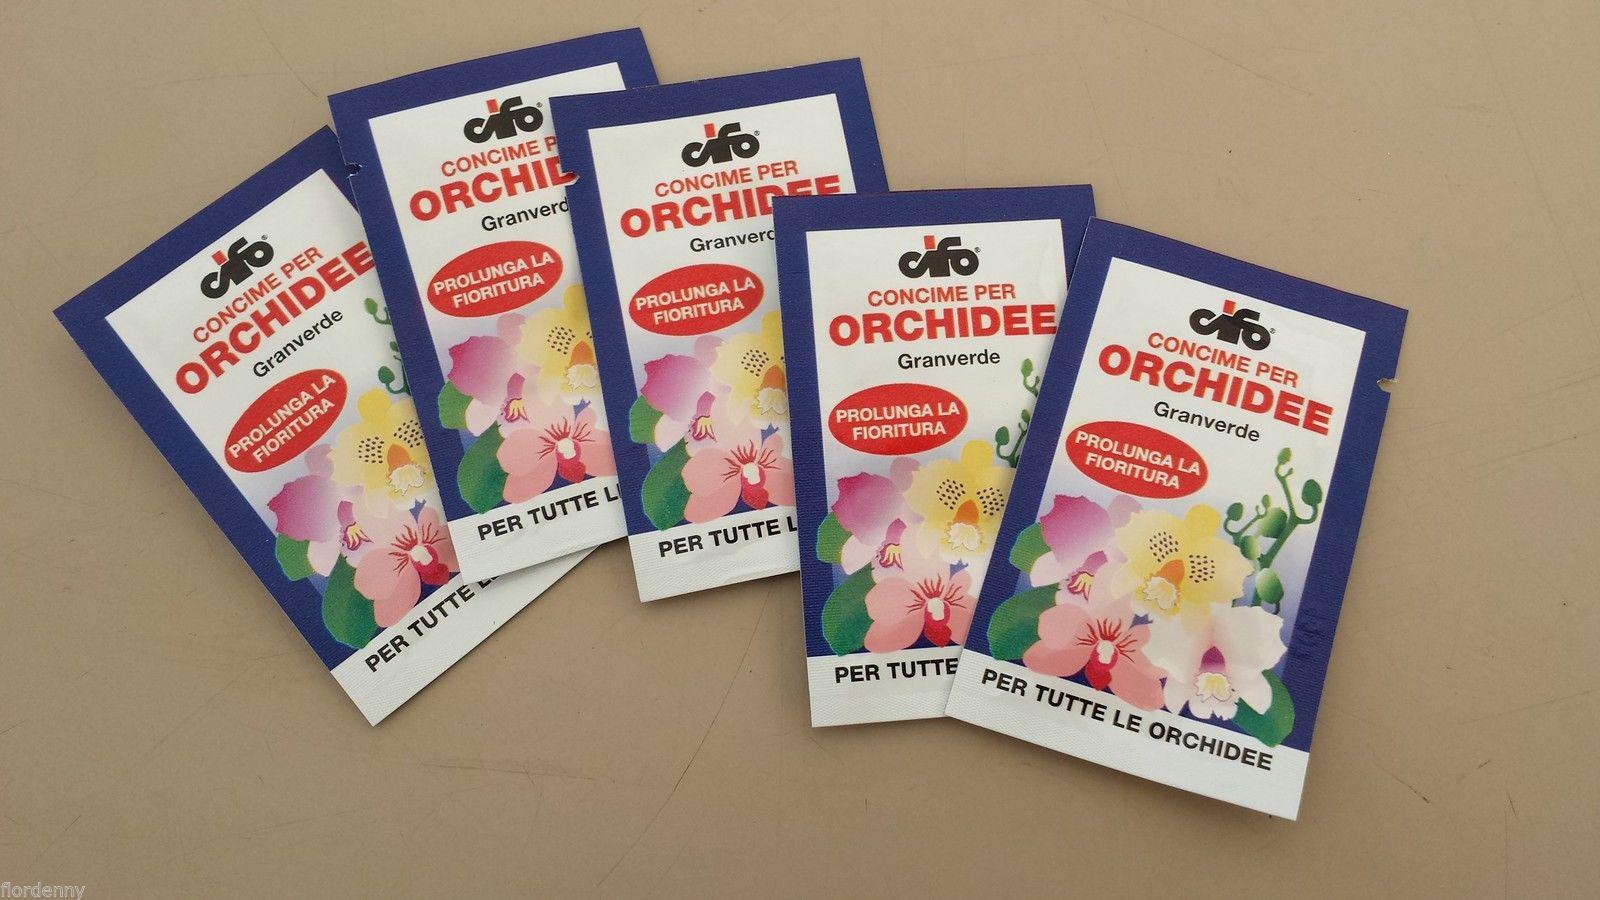 Cifo concime per orchidee farmacia agraria viscardi for Concime per orchidee